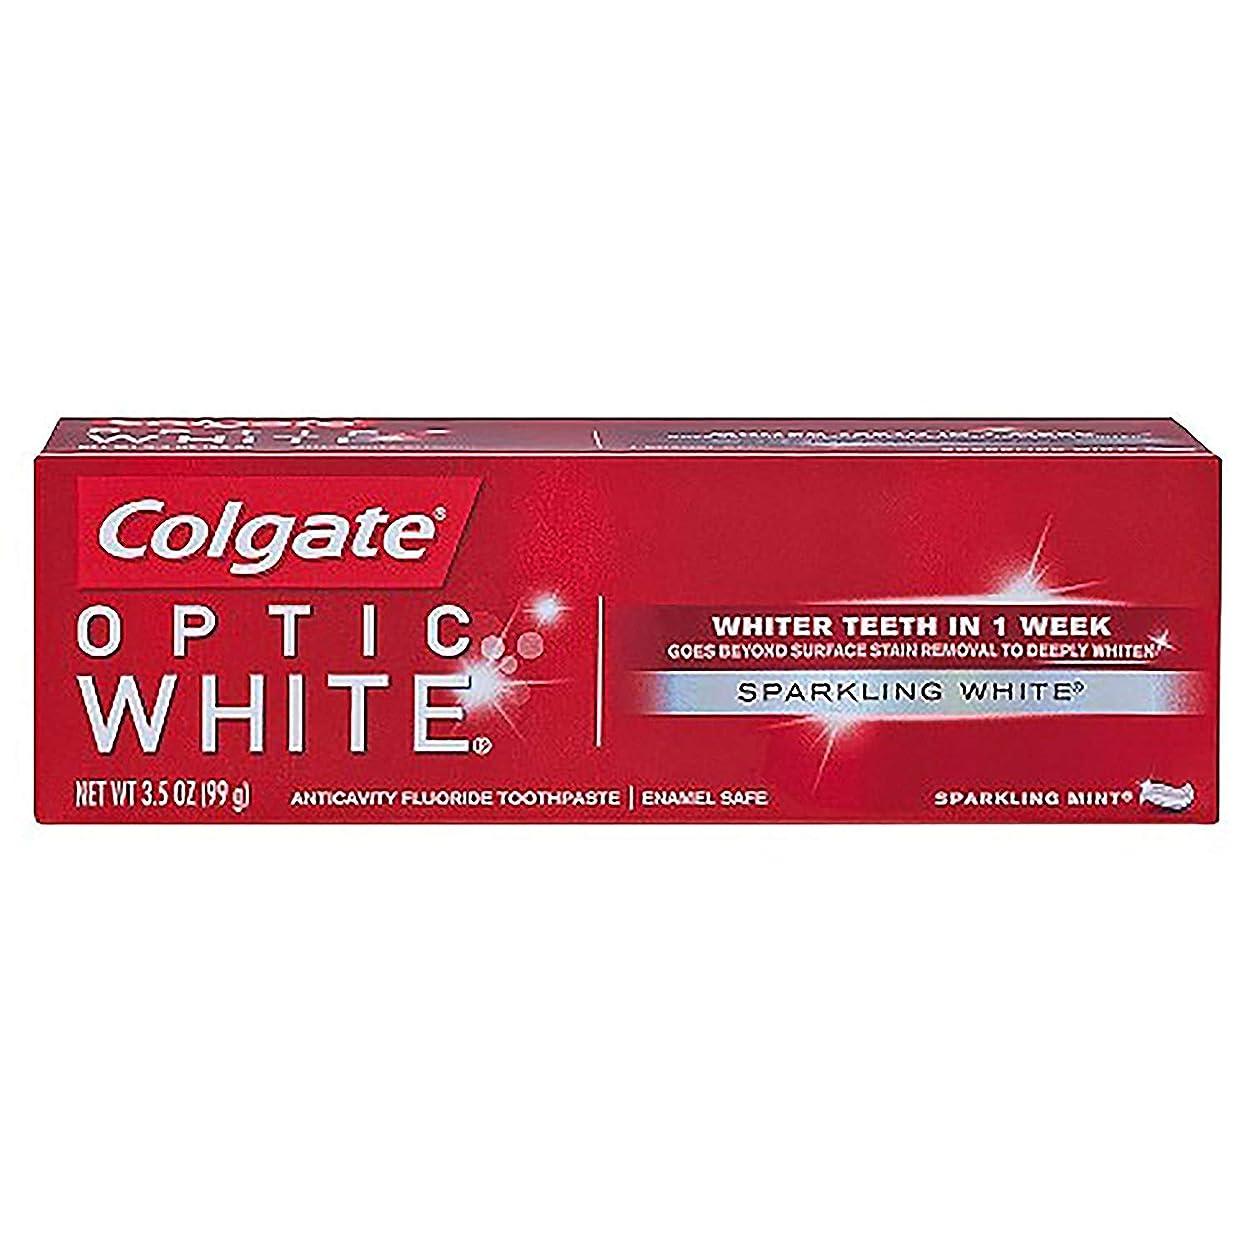 トライアスロンシーケンス各コルゲート ホワイトニング Colgate Optic White Sparkling White 99g 白い歯 歯磨き粉 ミント